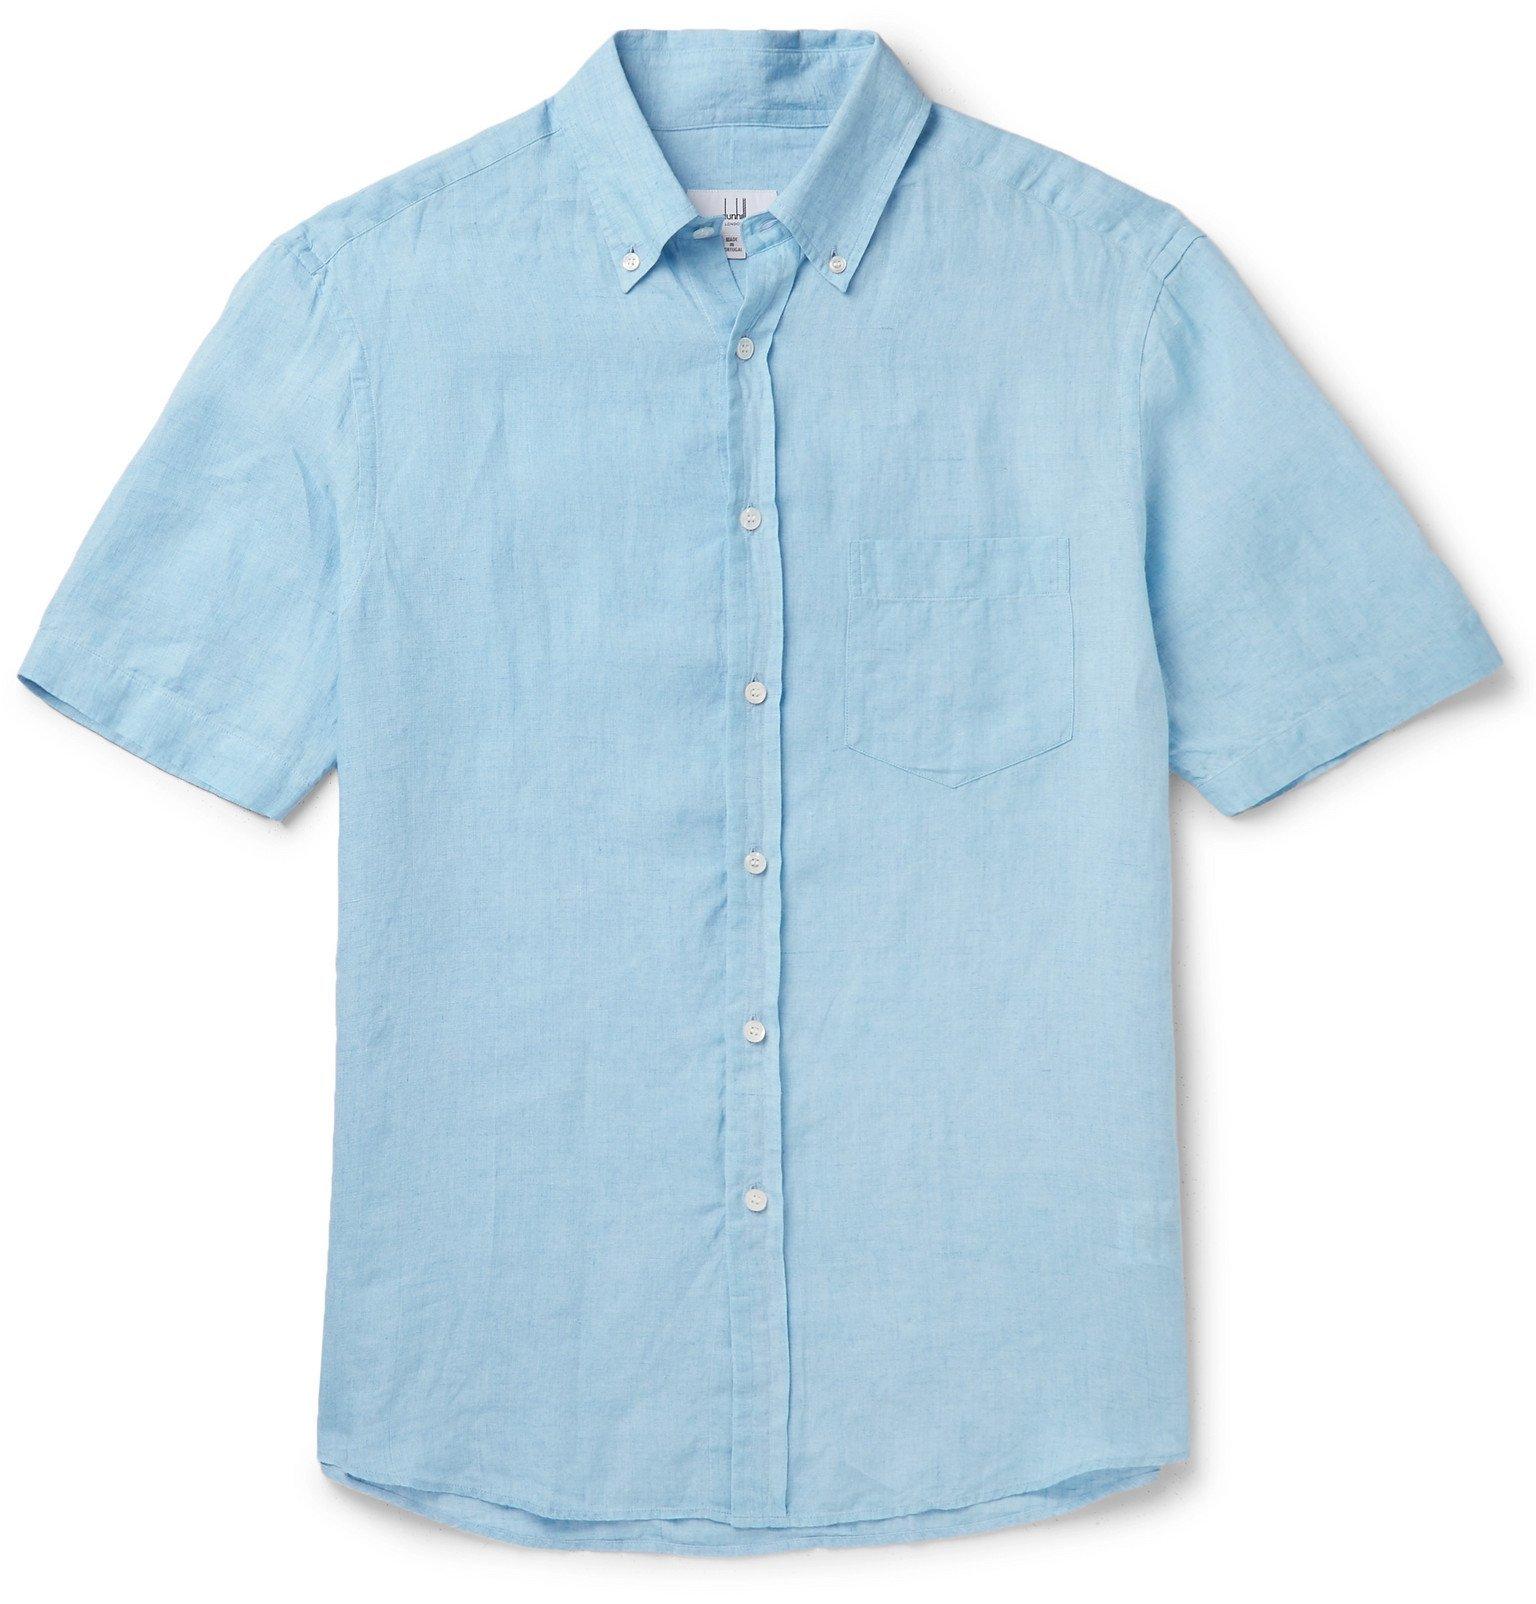 Dunhill - Button-Down Collar Linen Shirt - Blue